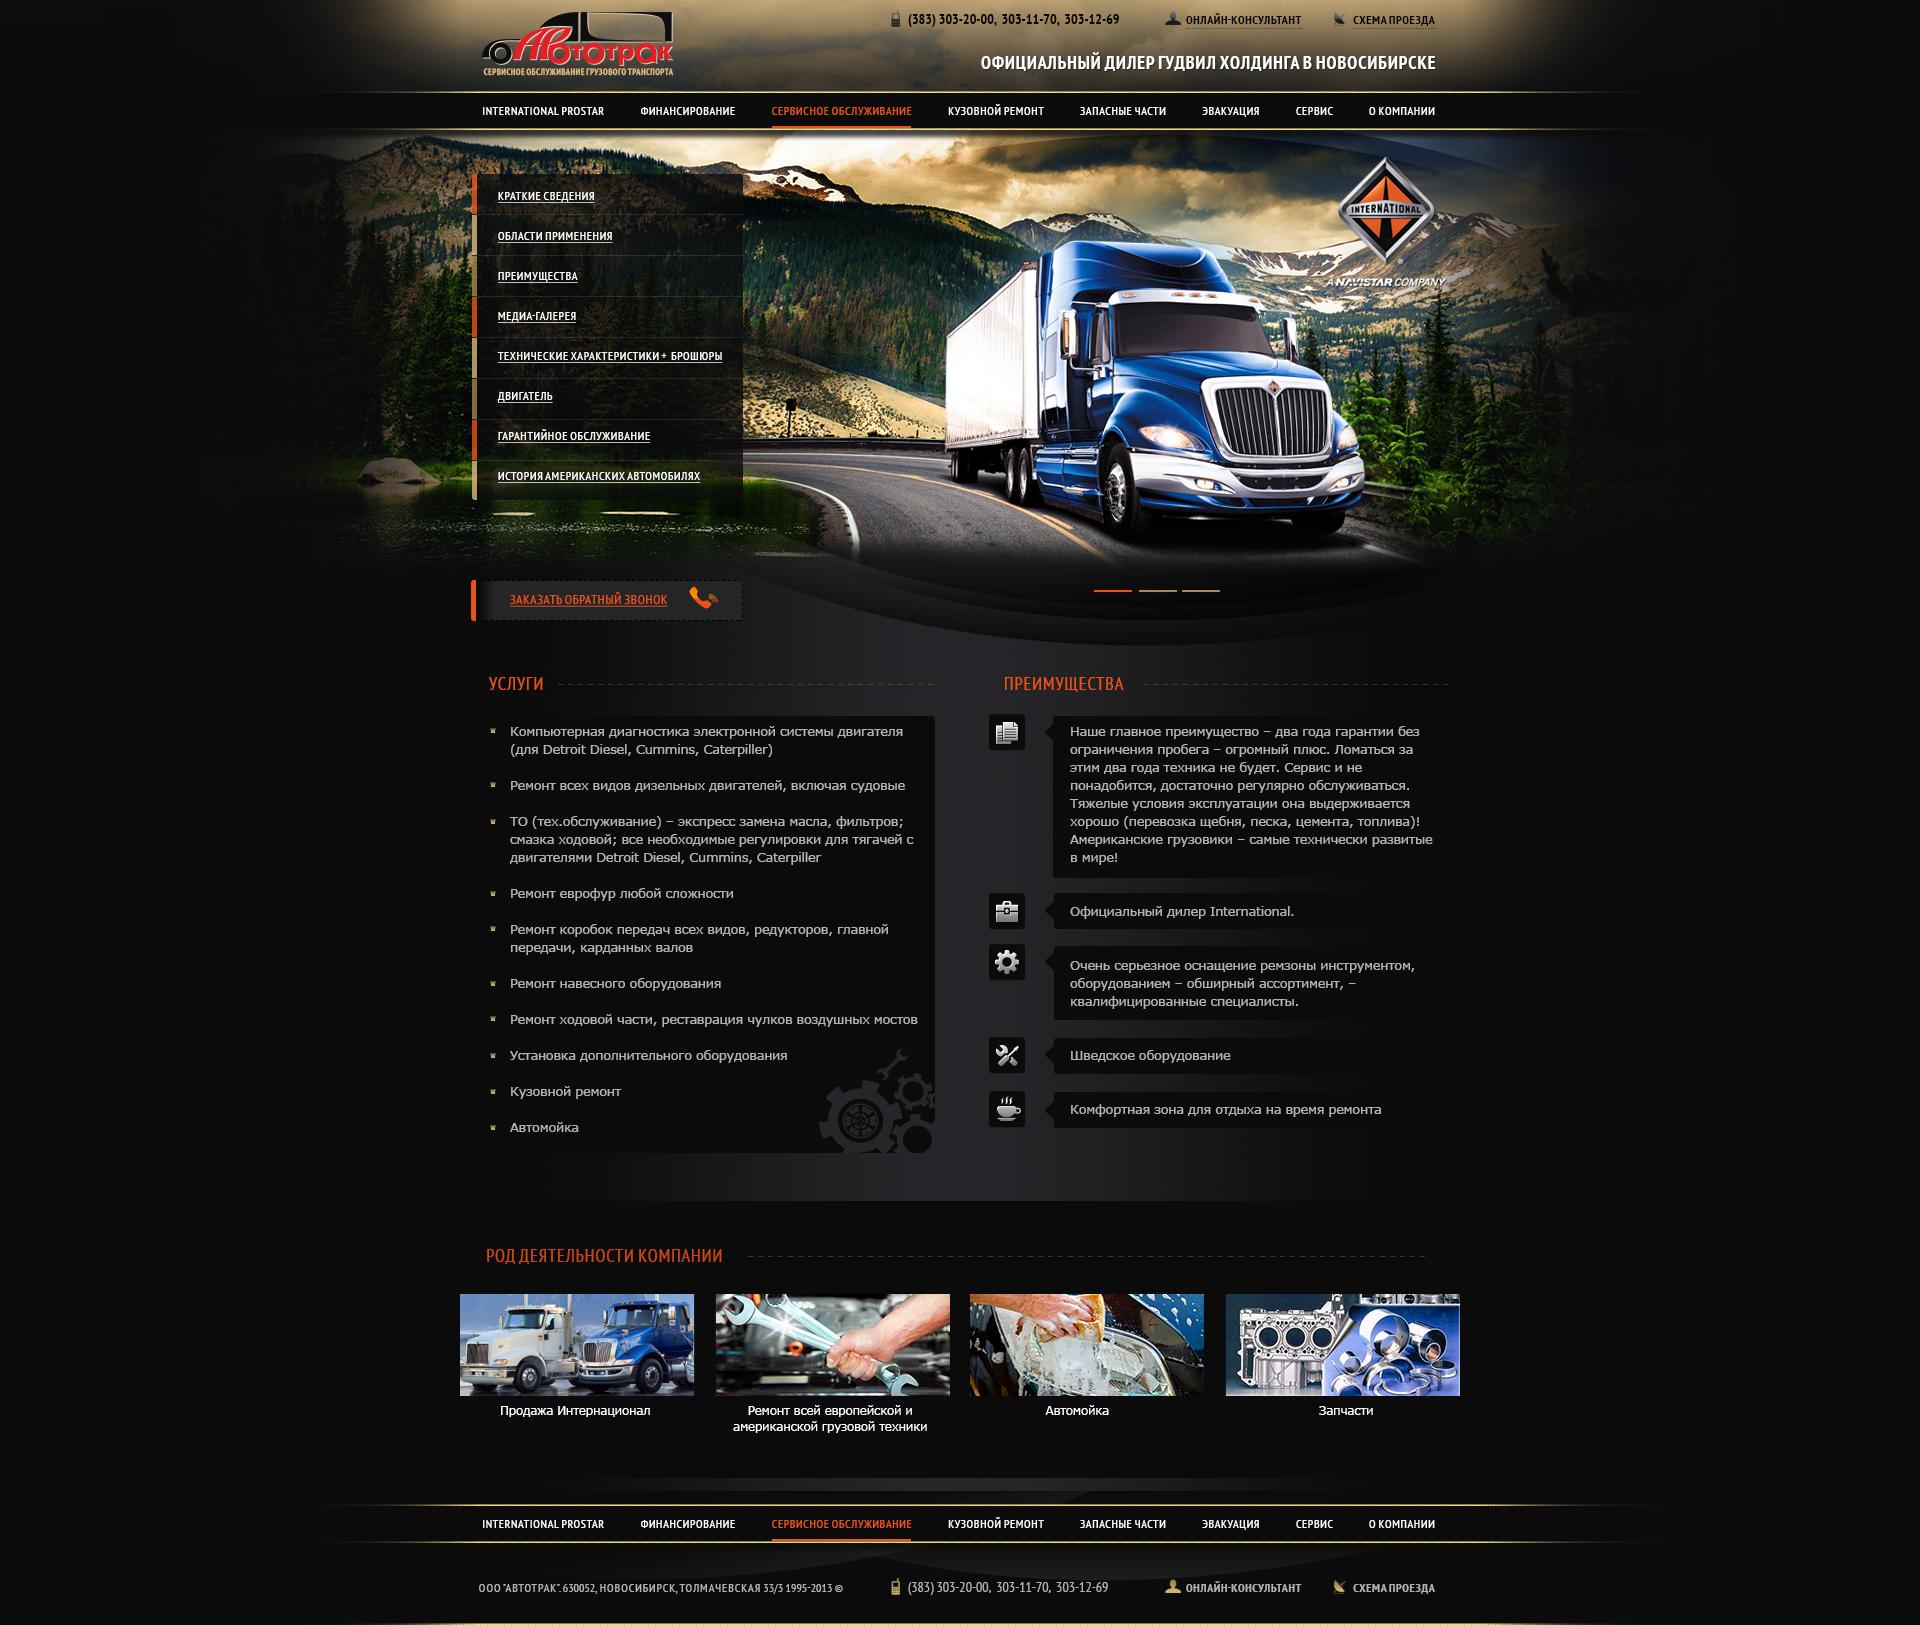 Разработать дизайн сайта автомобильной тематики фото f_197526922245432a.png